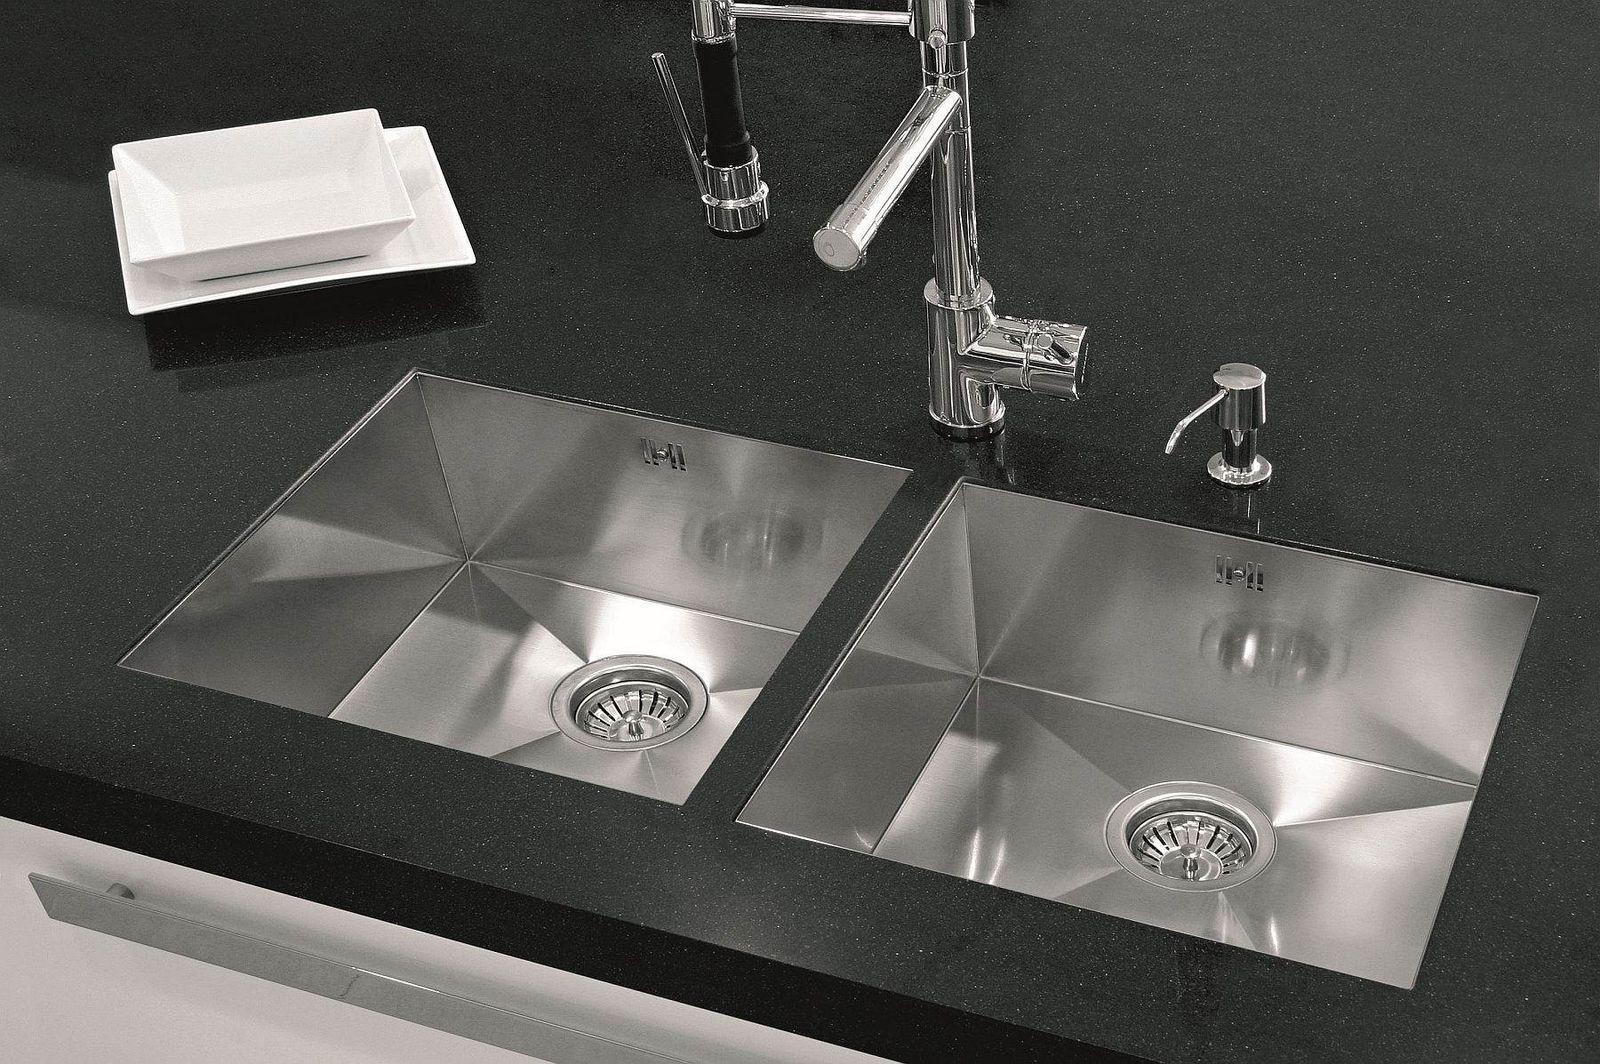 küchen einbau unterbauspüle flächenbündig 50 x 40cm spülbecken